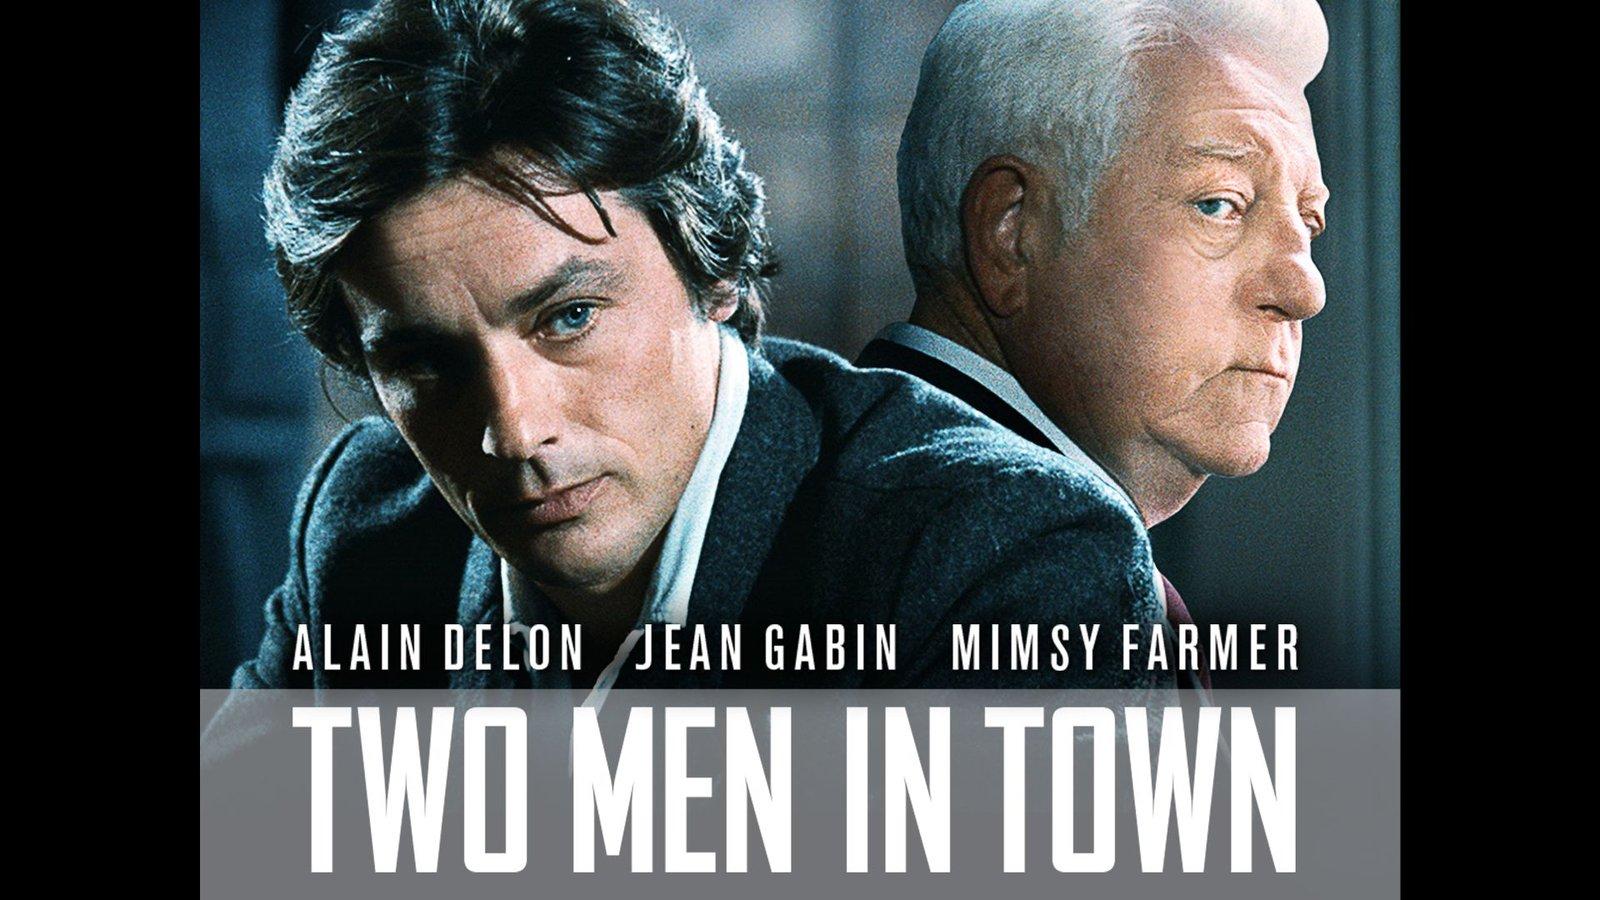 Two Men in Town (Deux hommes dans la ville)